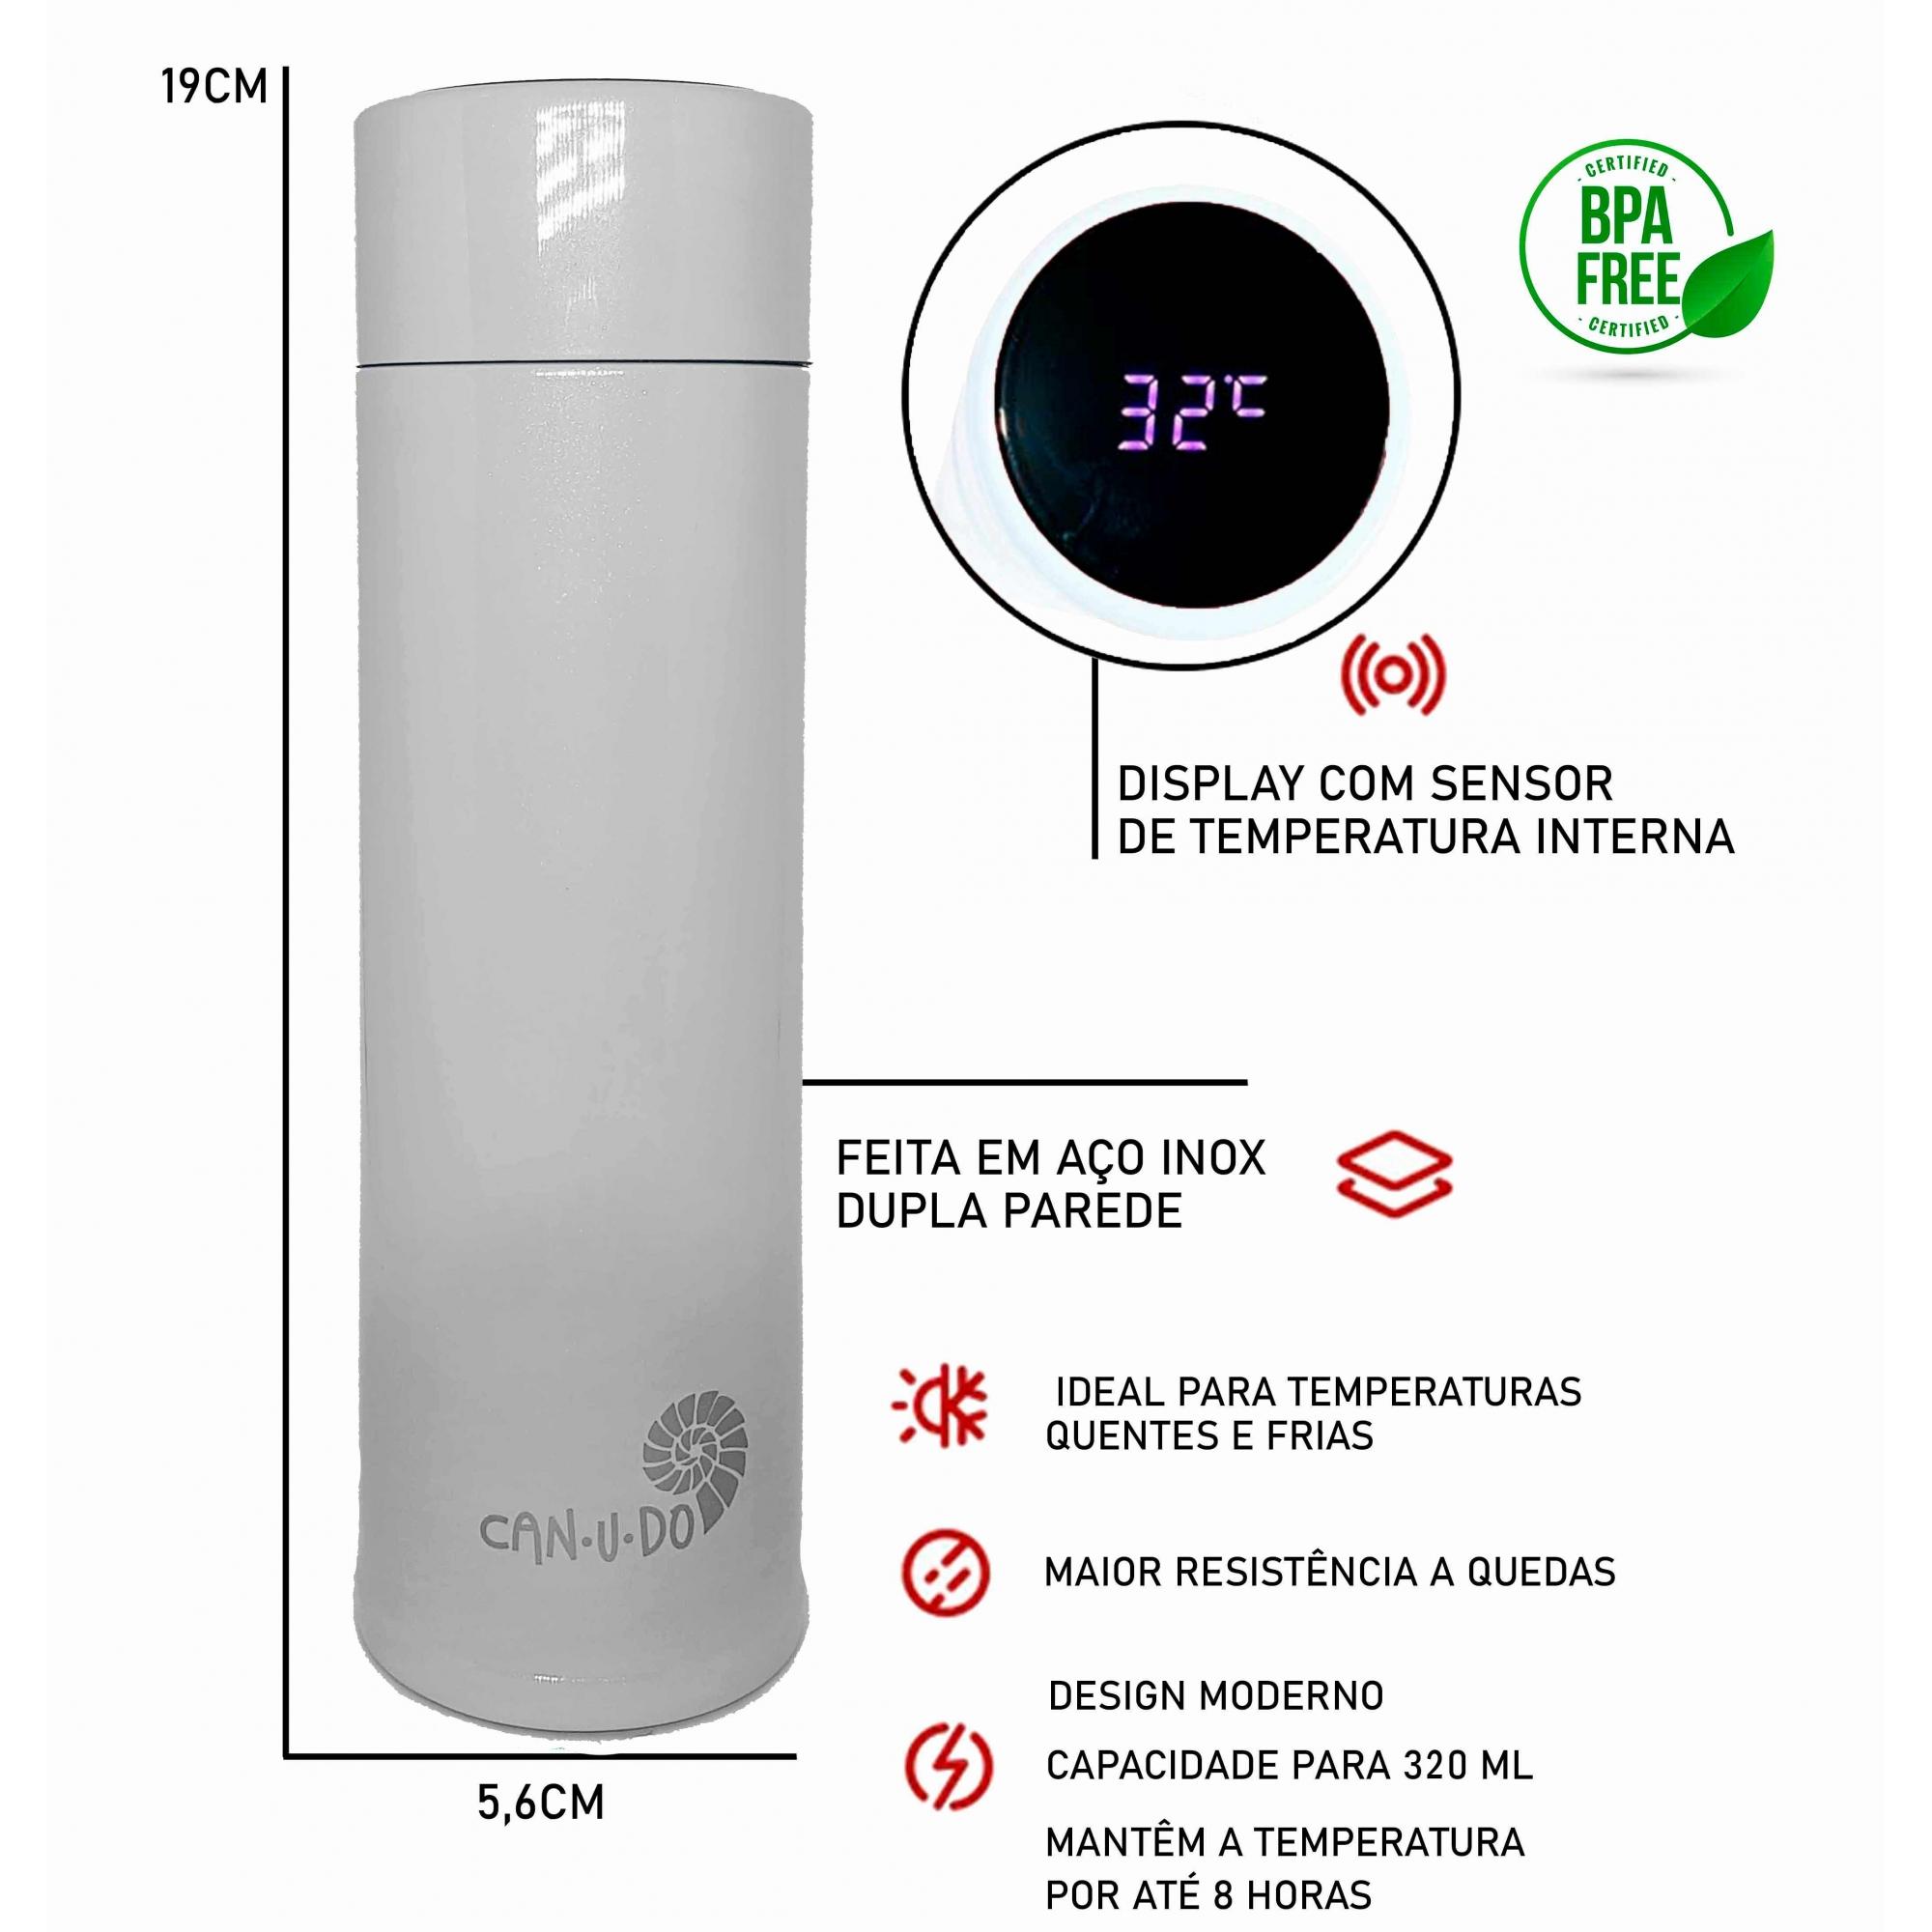 Kit Sustentável - Talheres de Bambu + Garrafa Térmica Smart 320 ml Branco